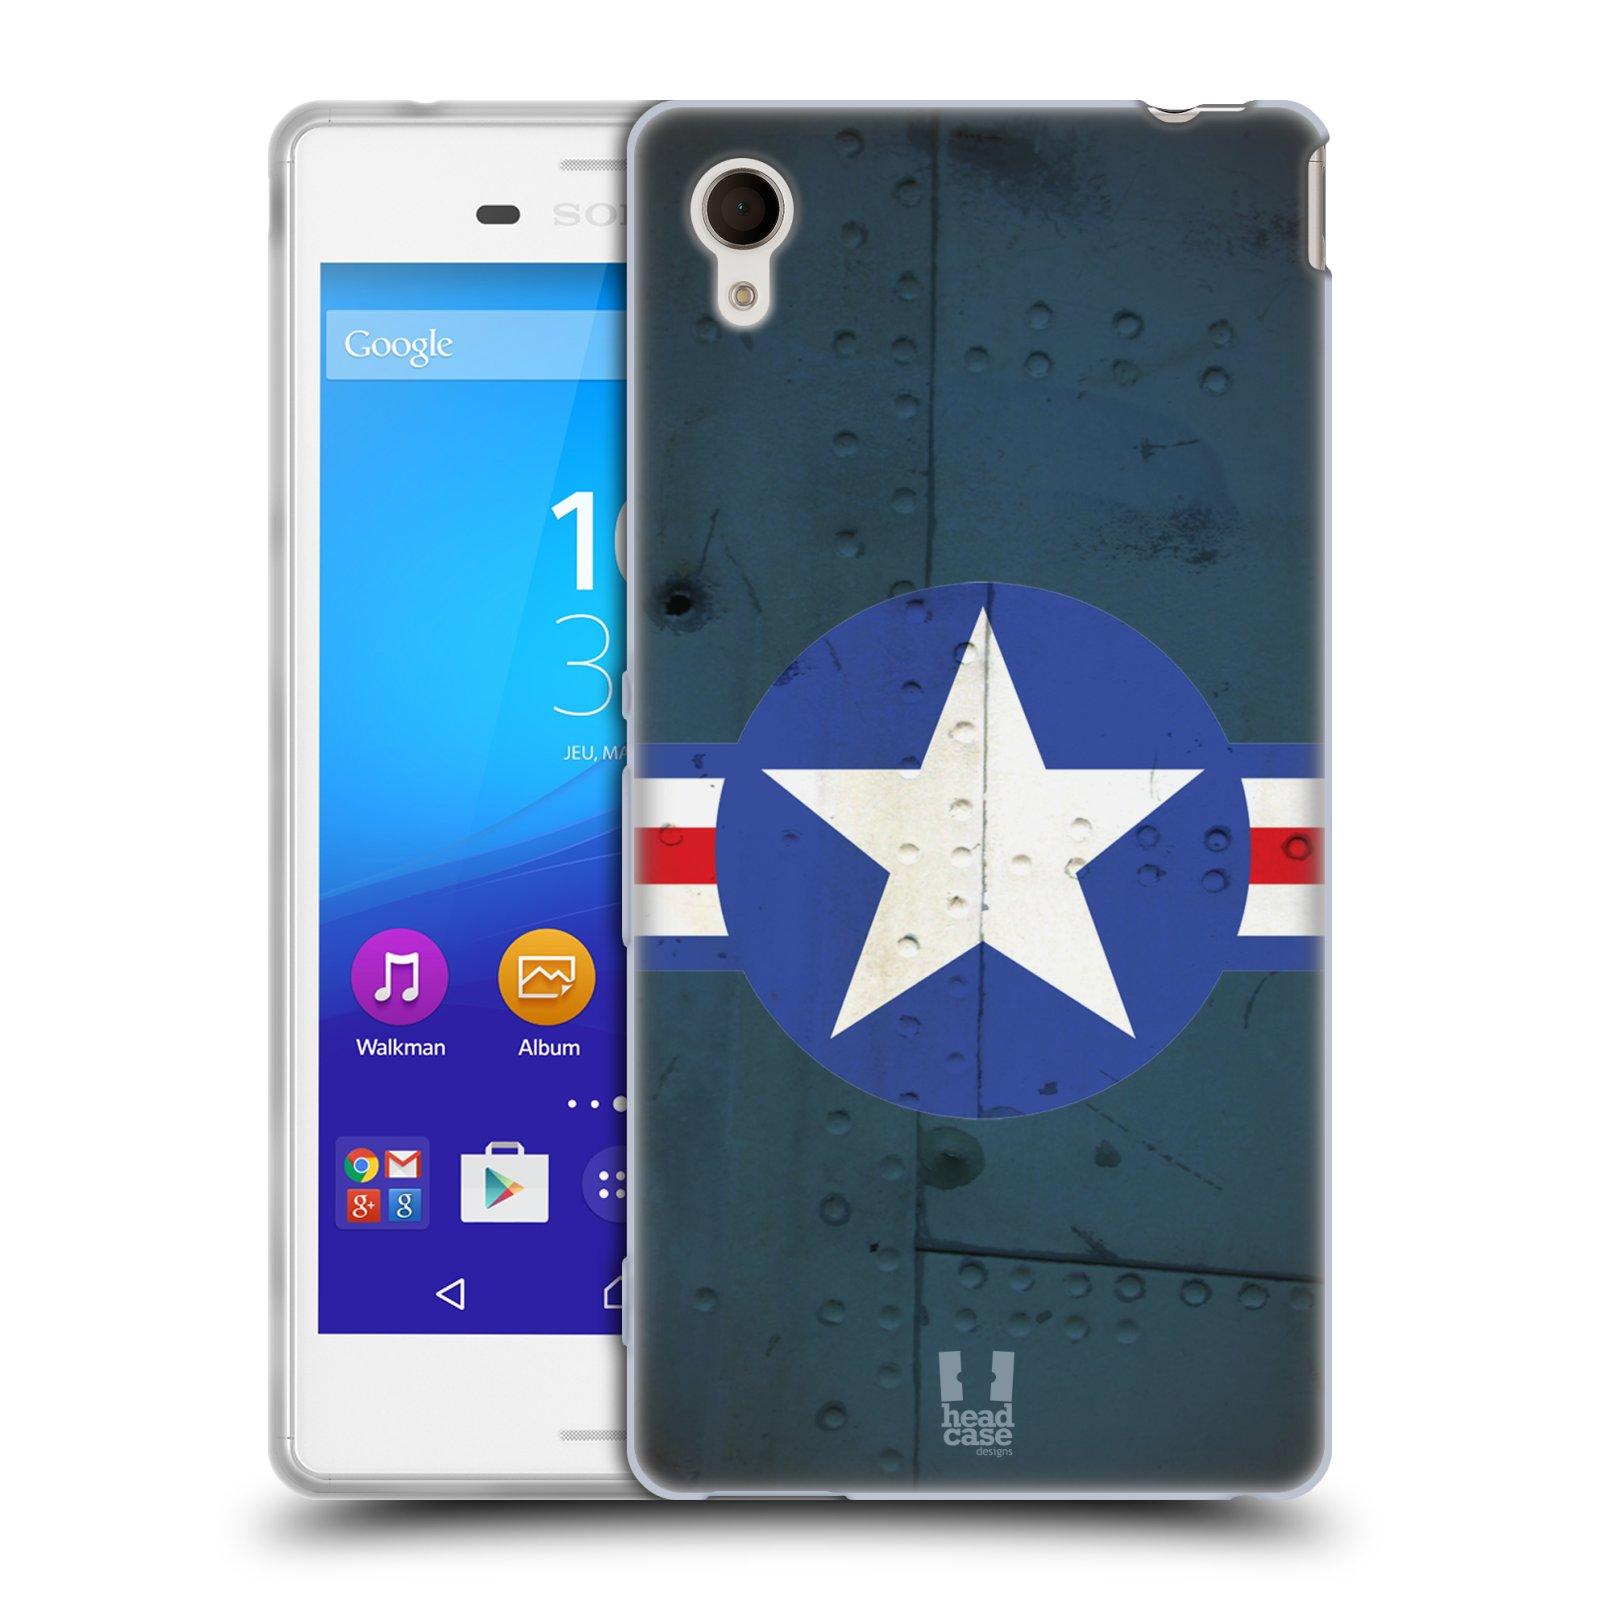 Silikonové pouzdro na mobil Sony Xperia M4 Aqua E2303 HEAD CASE POSTWAR (Silikonový kryt či obal na mobilní telefon Sony Xperia M4 Aqua a M4 Aqua Dual SIM)